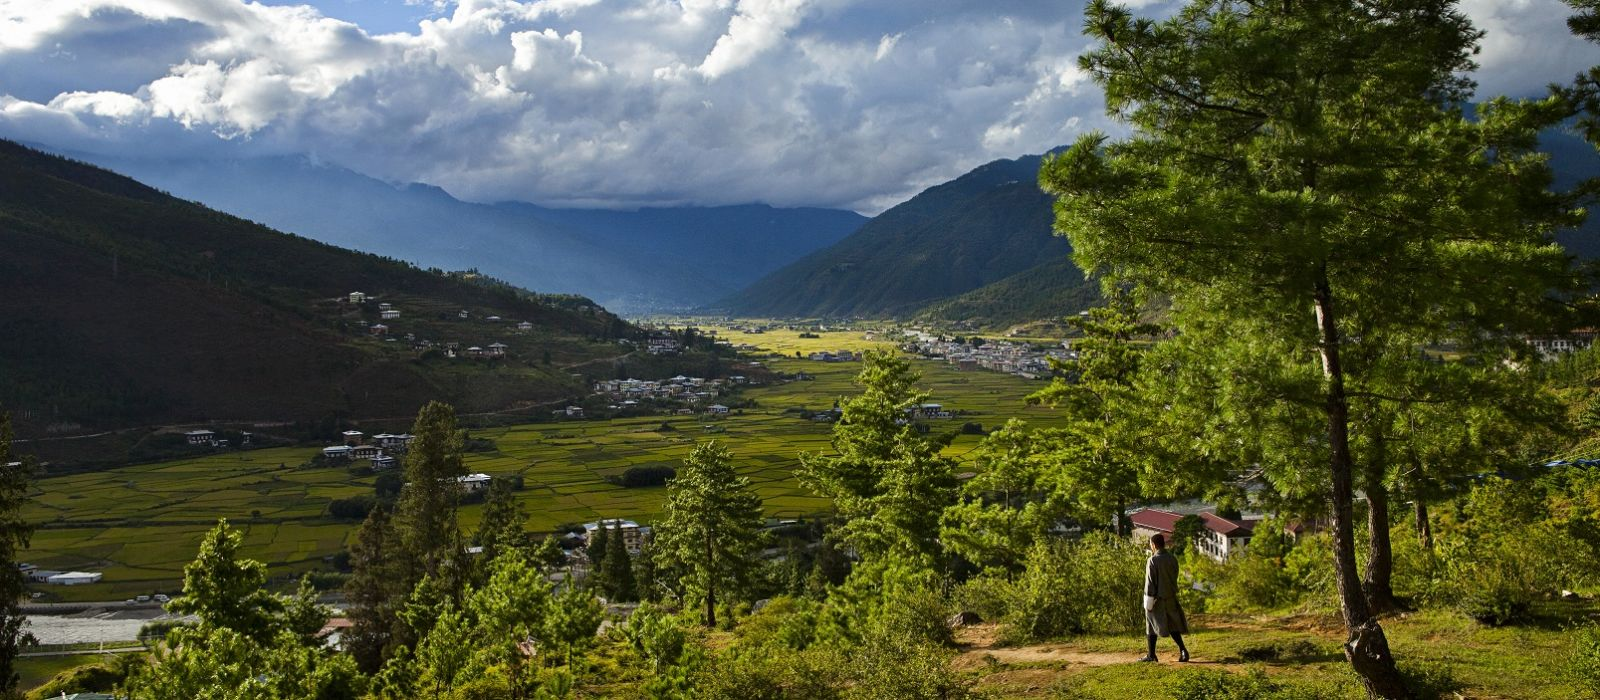 Amankora Exclusive: Luxurious Bhutan Tour Trip 3